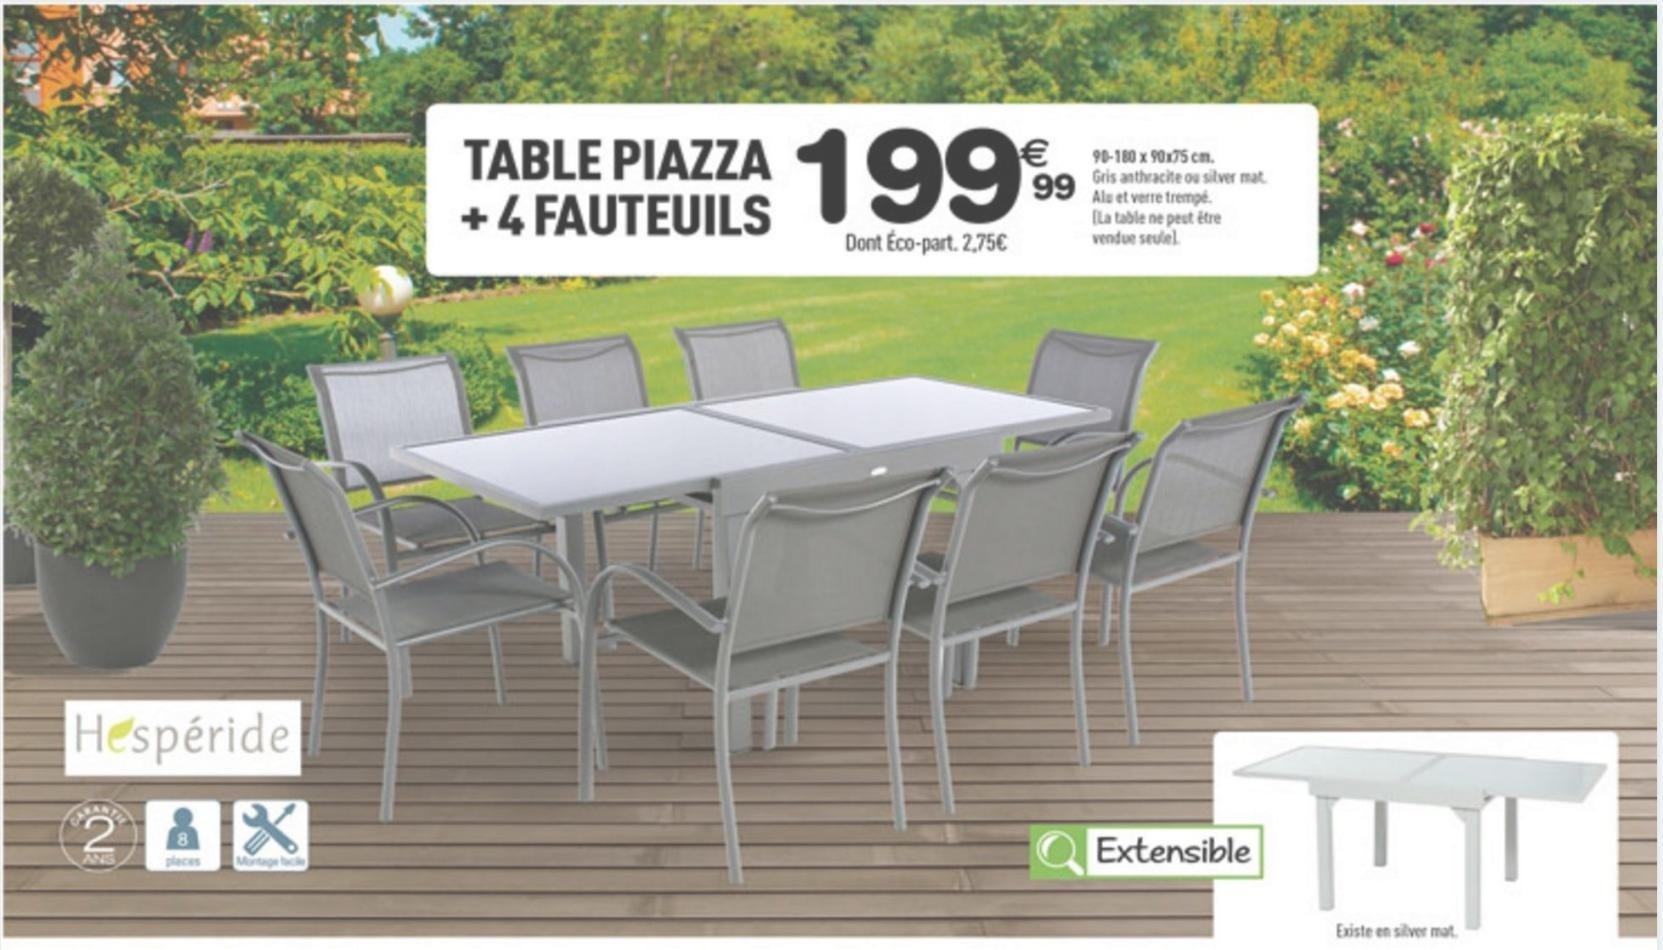 Table Centrakor Table De Table Centrakor De Hesperide ... avec Salon De Jardin Centrakor